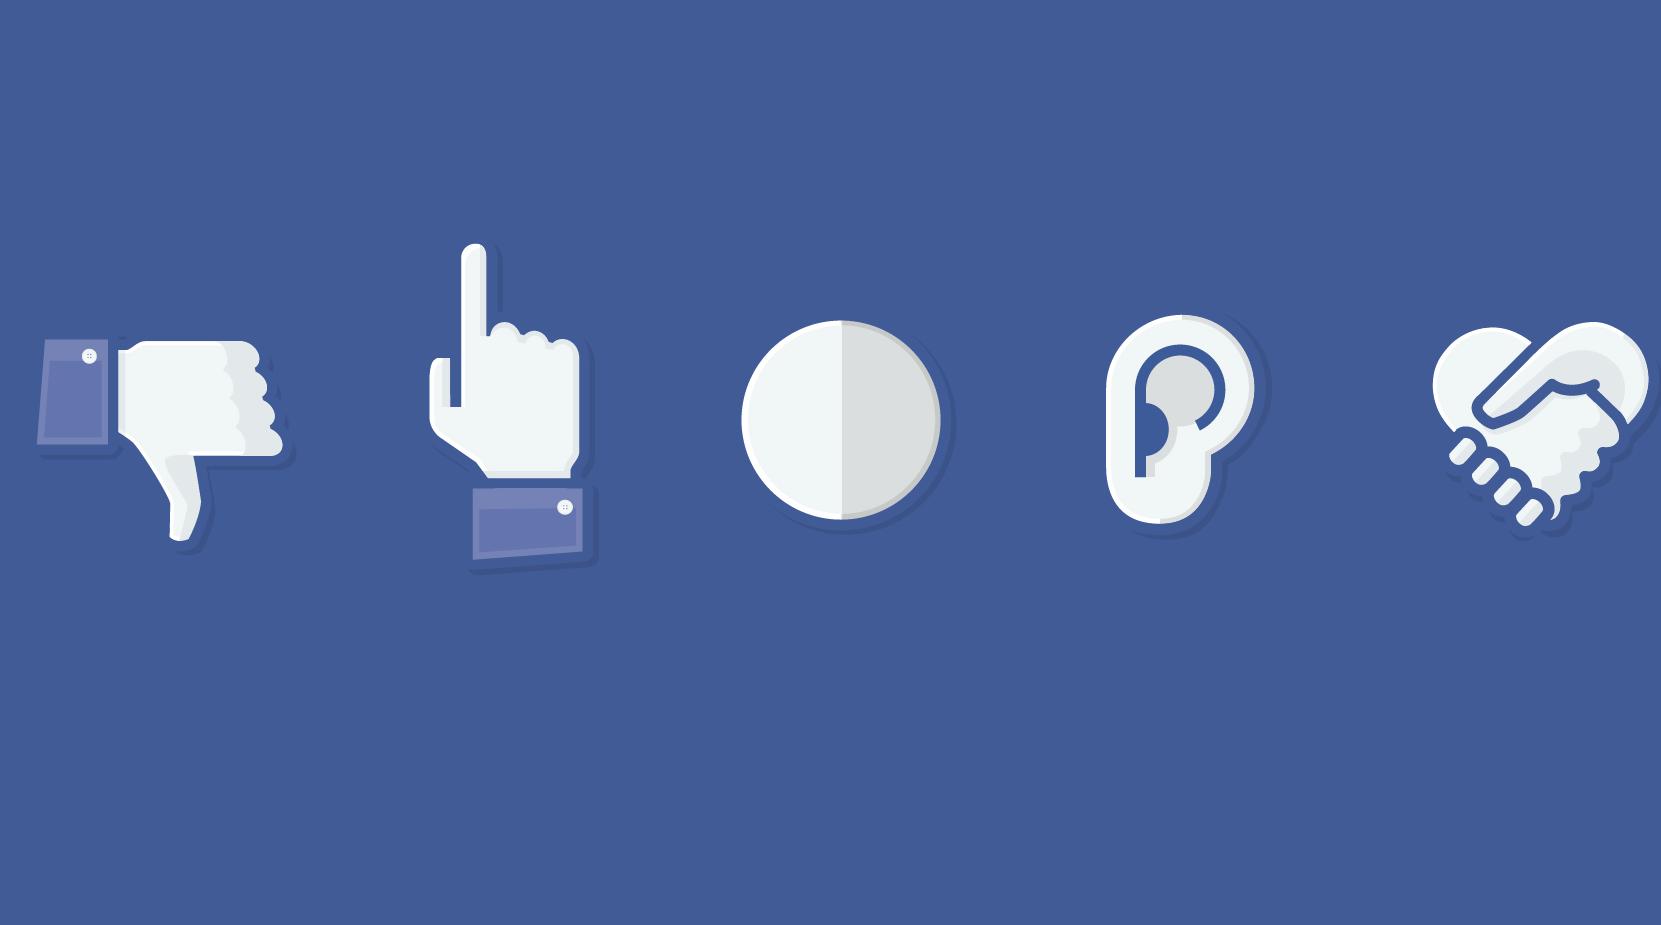 Facebook phát triển công cụ mới cho phép so sánh hiệu quả quảng cáo với TV